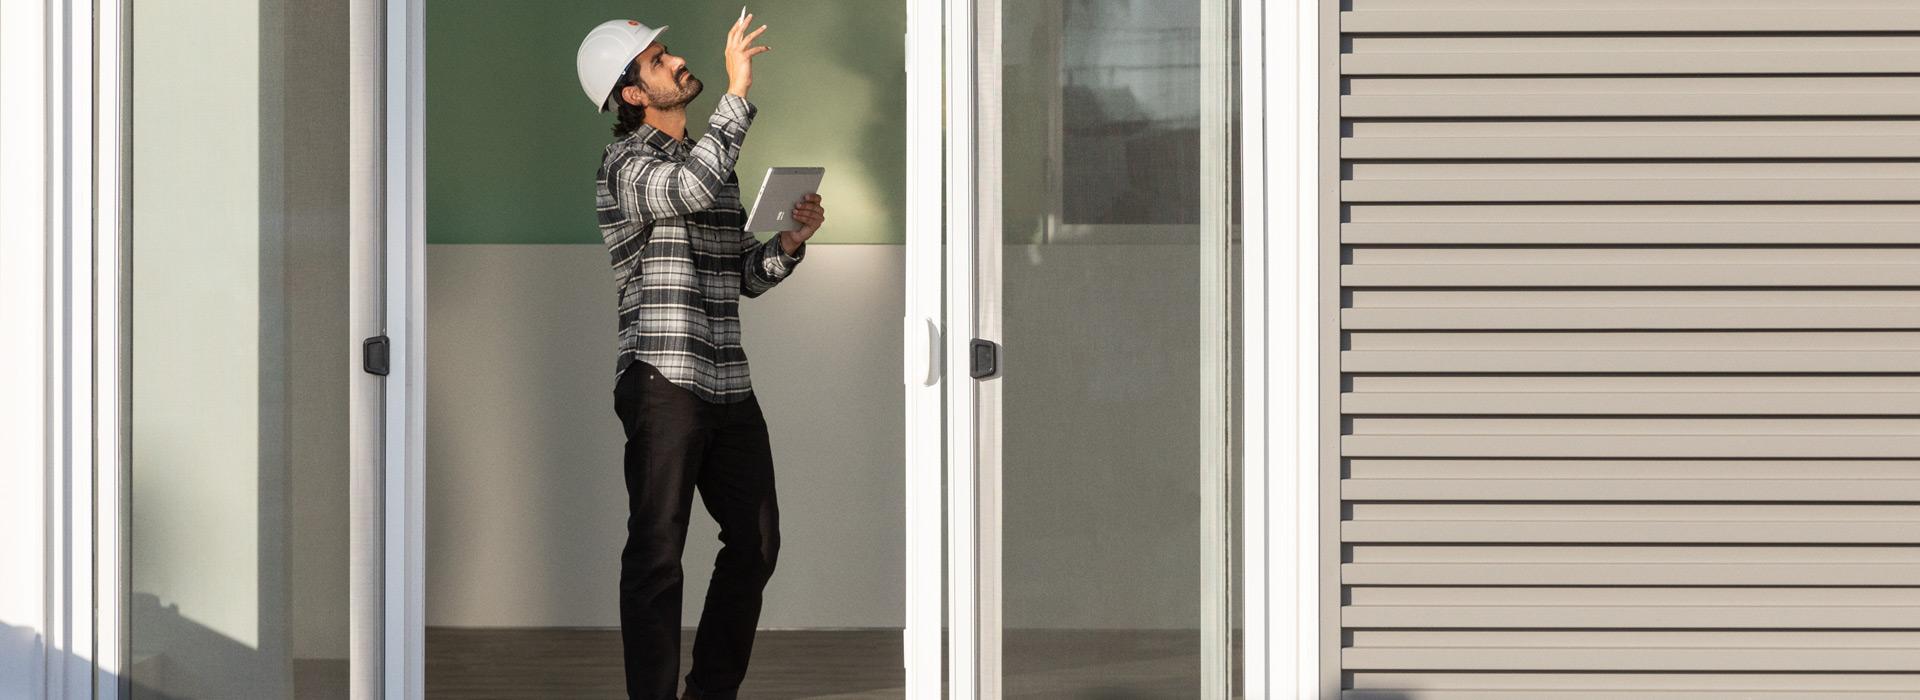 Suojakypärällä varustetulla työntekijällä on kädessään tablettitilassa oleva Surface Go 2 asuinympäristössä